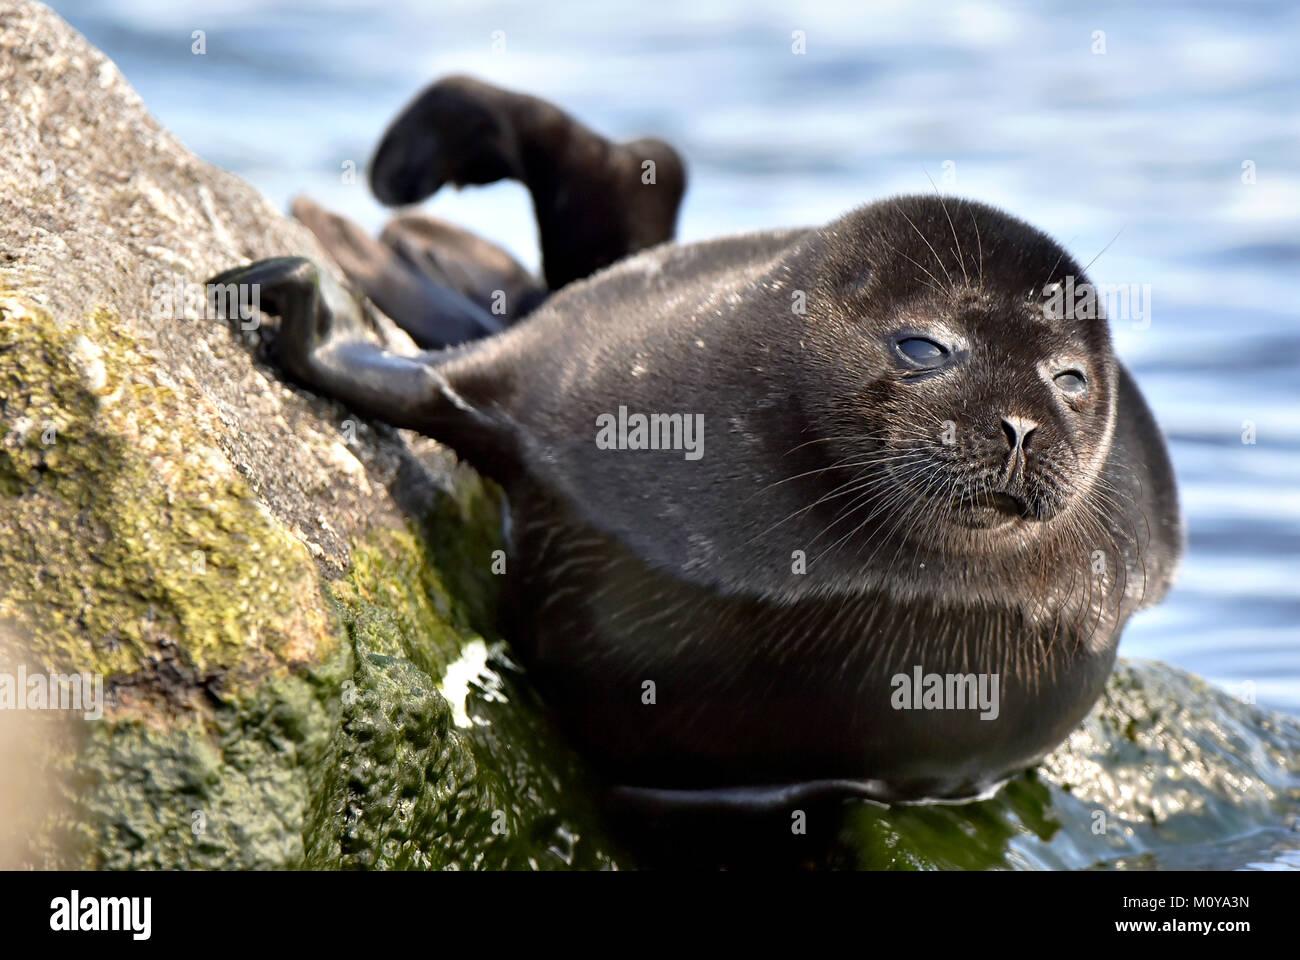 Ladoga ringed seal ( Pusa hispida ladogensis) close up. The Ladoga seal in a native habitat. Ladoga Lake. Russia - Stock Image